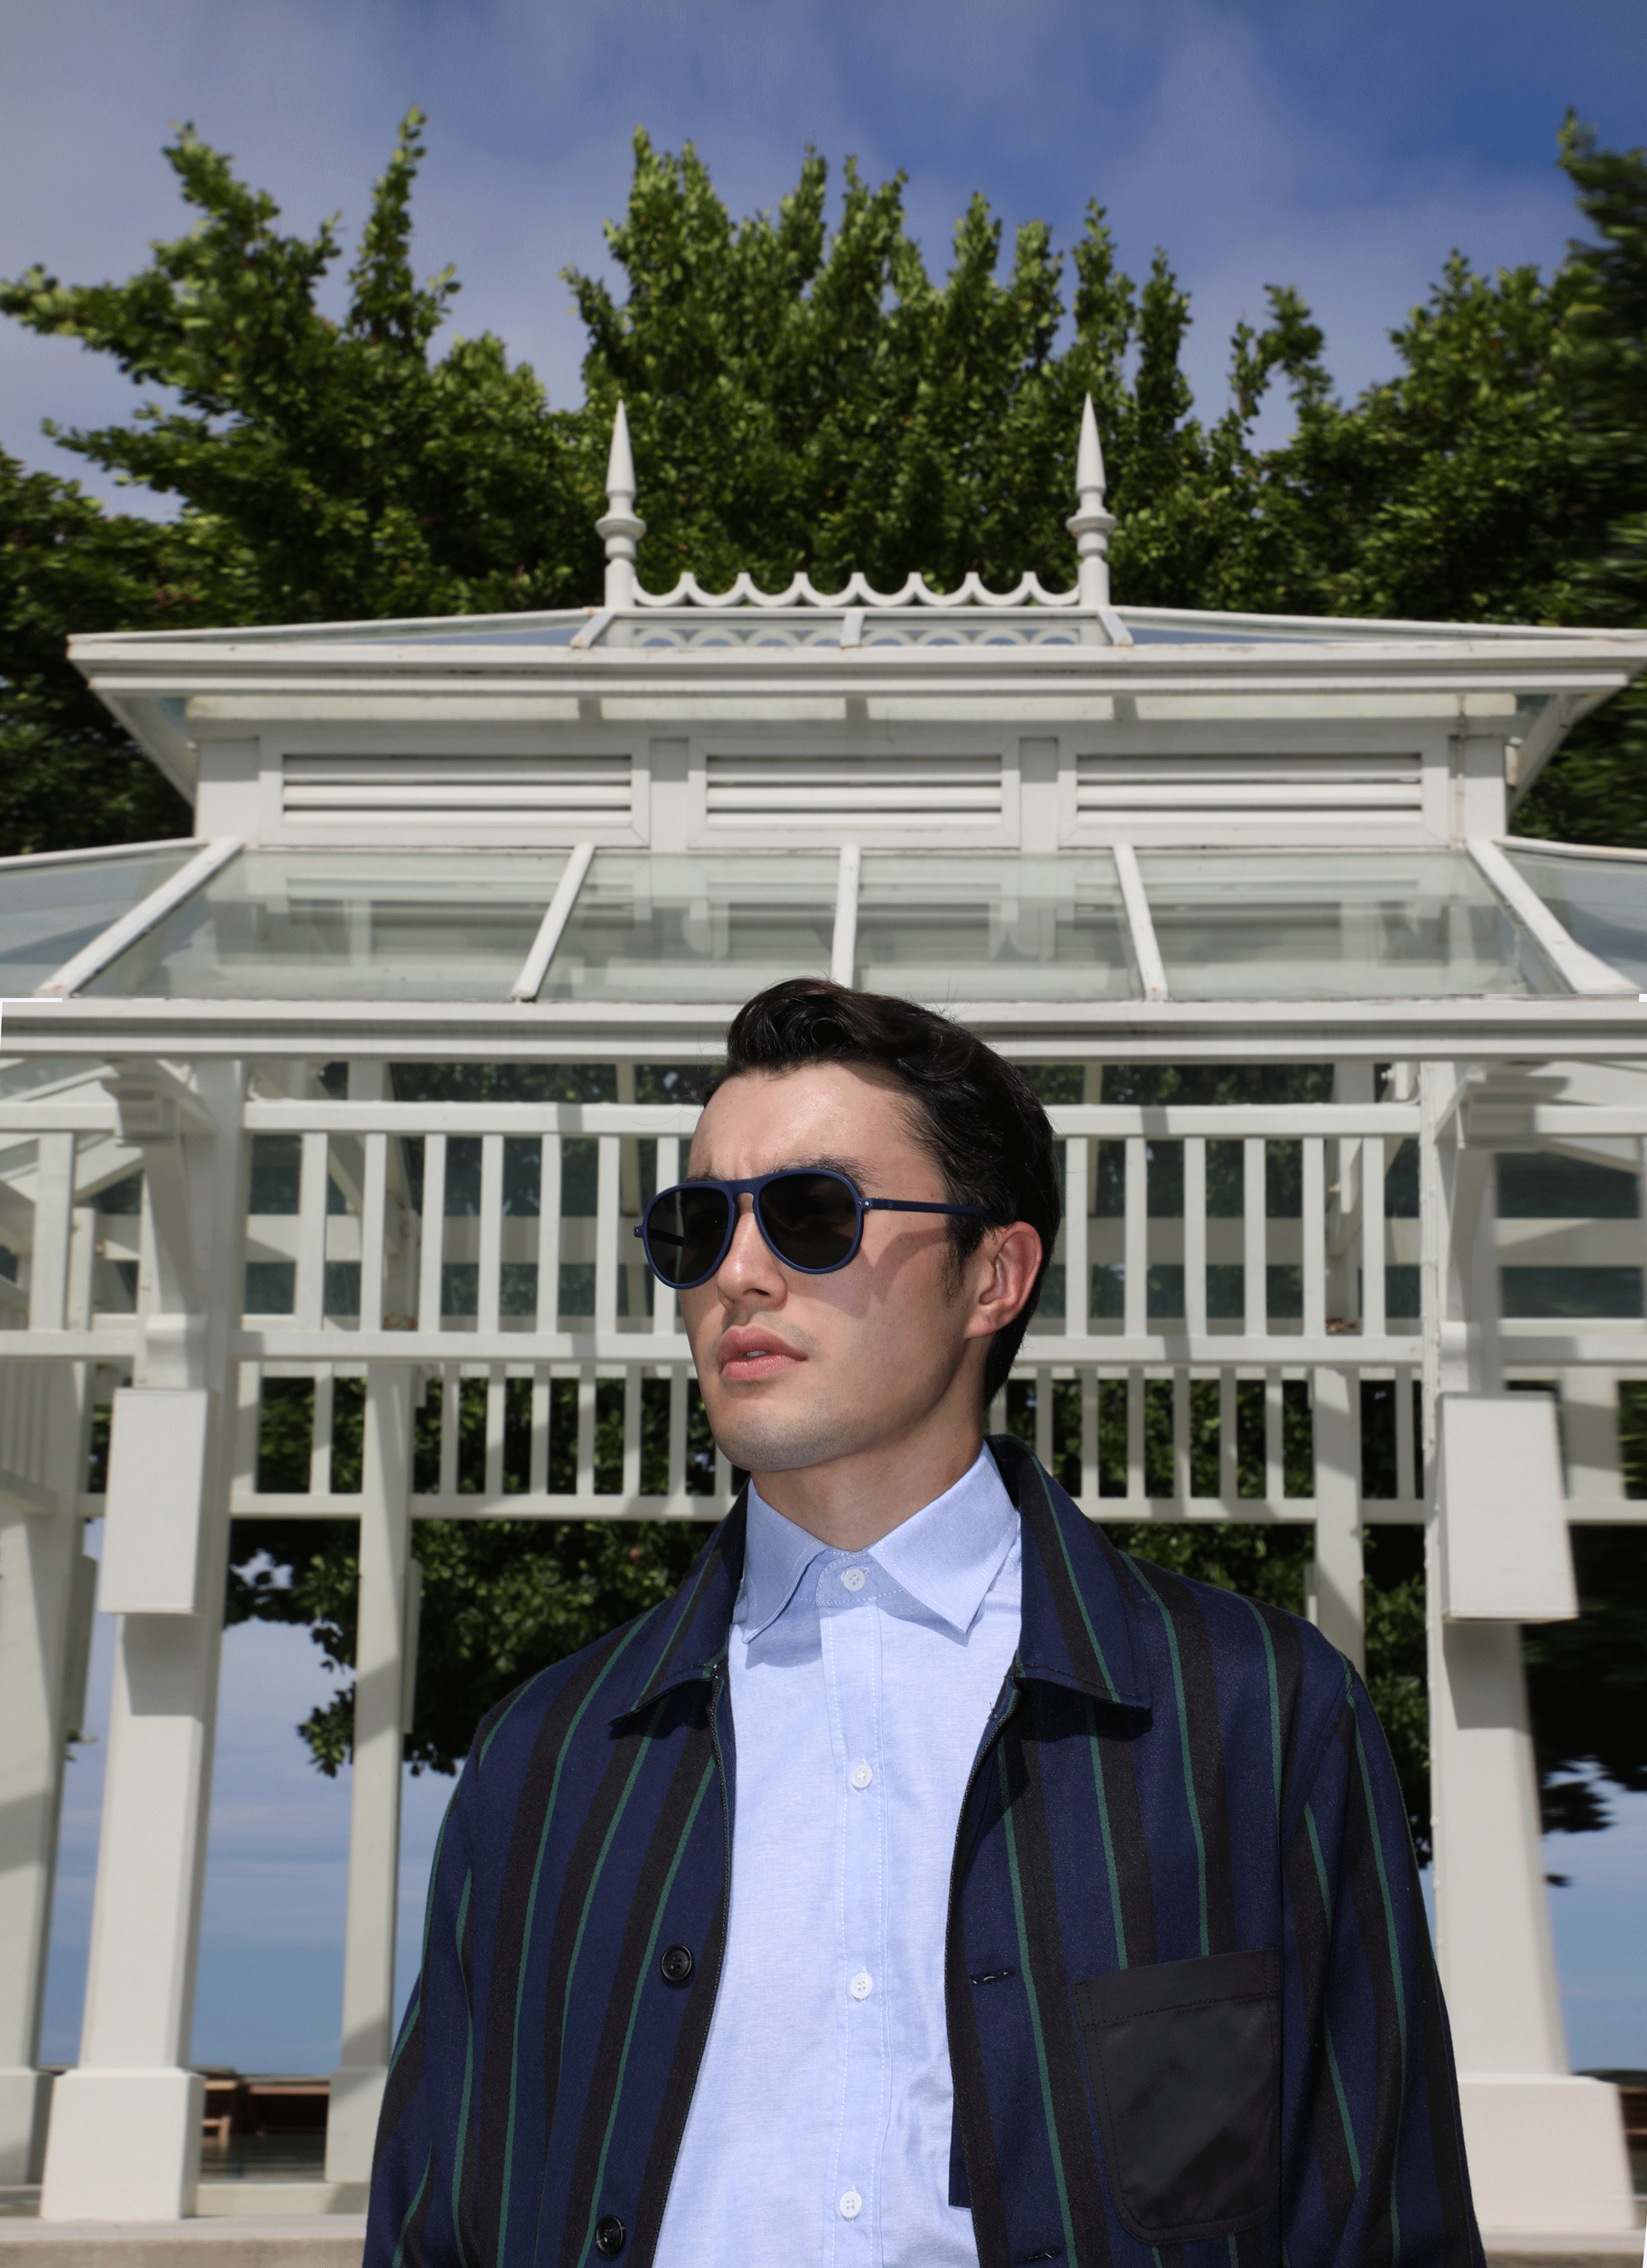 shirt and jacket : Leisure Projects / sunglasses : IZIPIZI